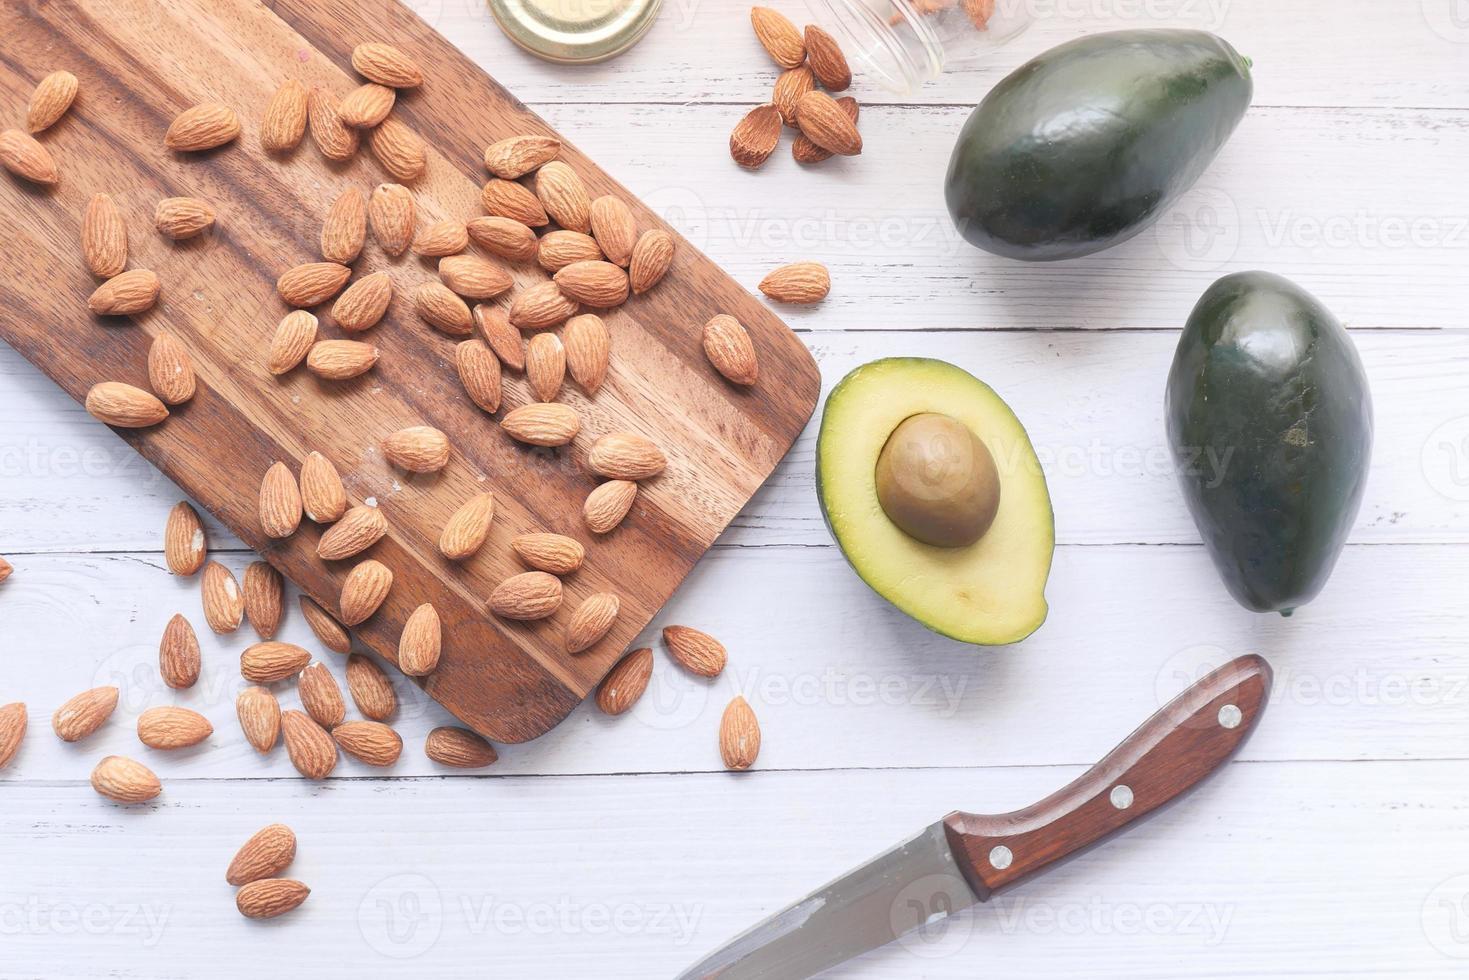 plakje avocado en amandelen op een snijplank foto